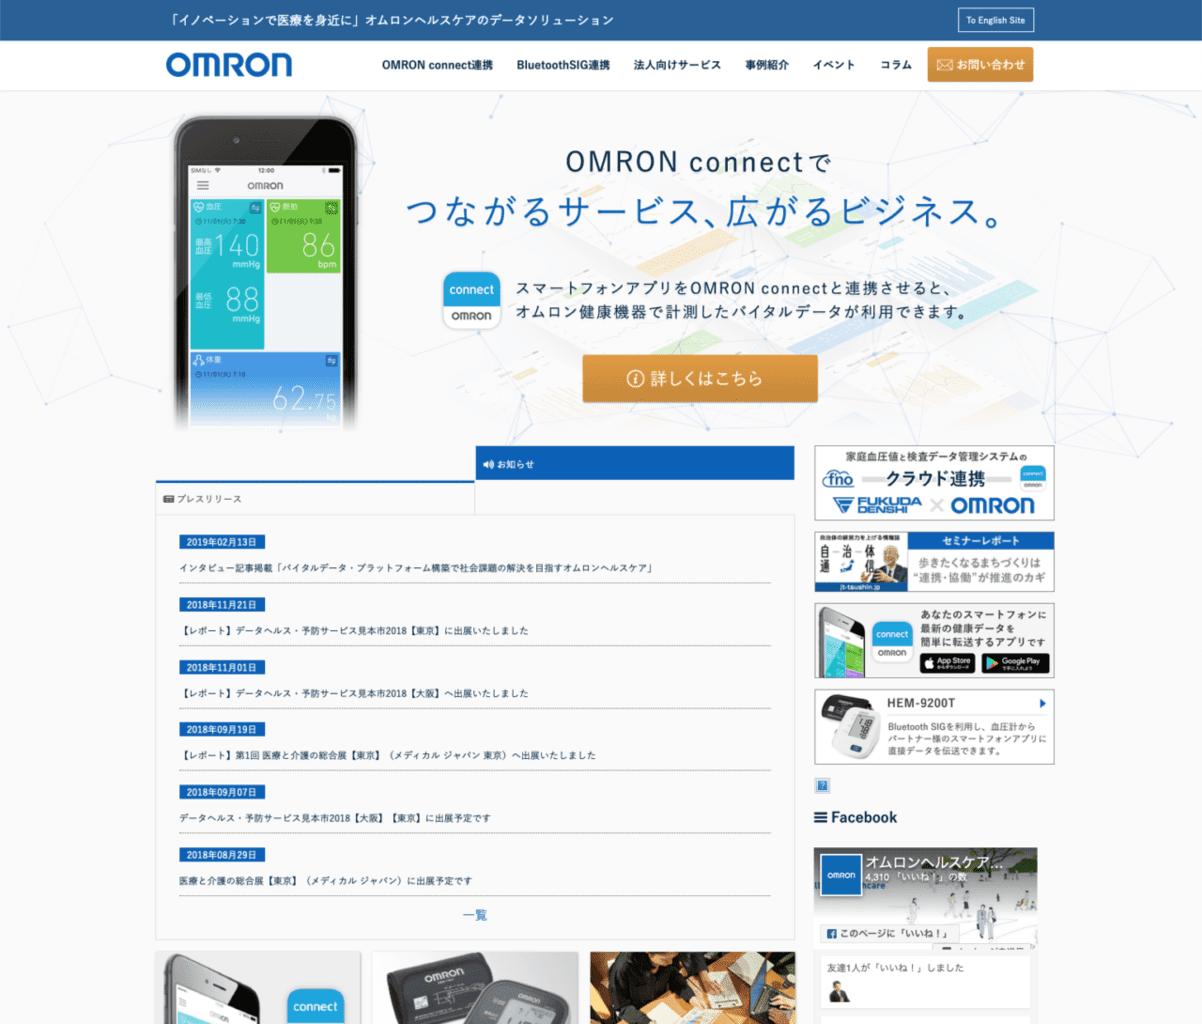 オムロンヘルスケアの国内向けデータソリューション サイト